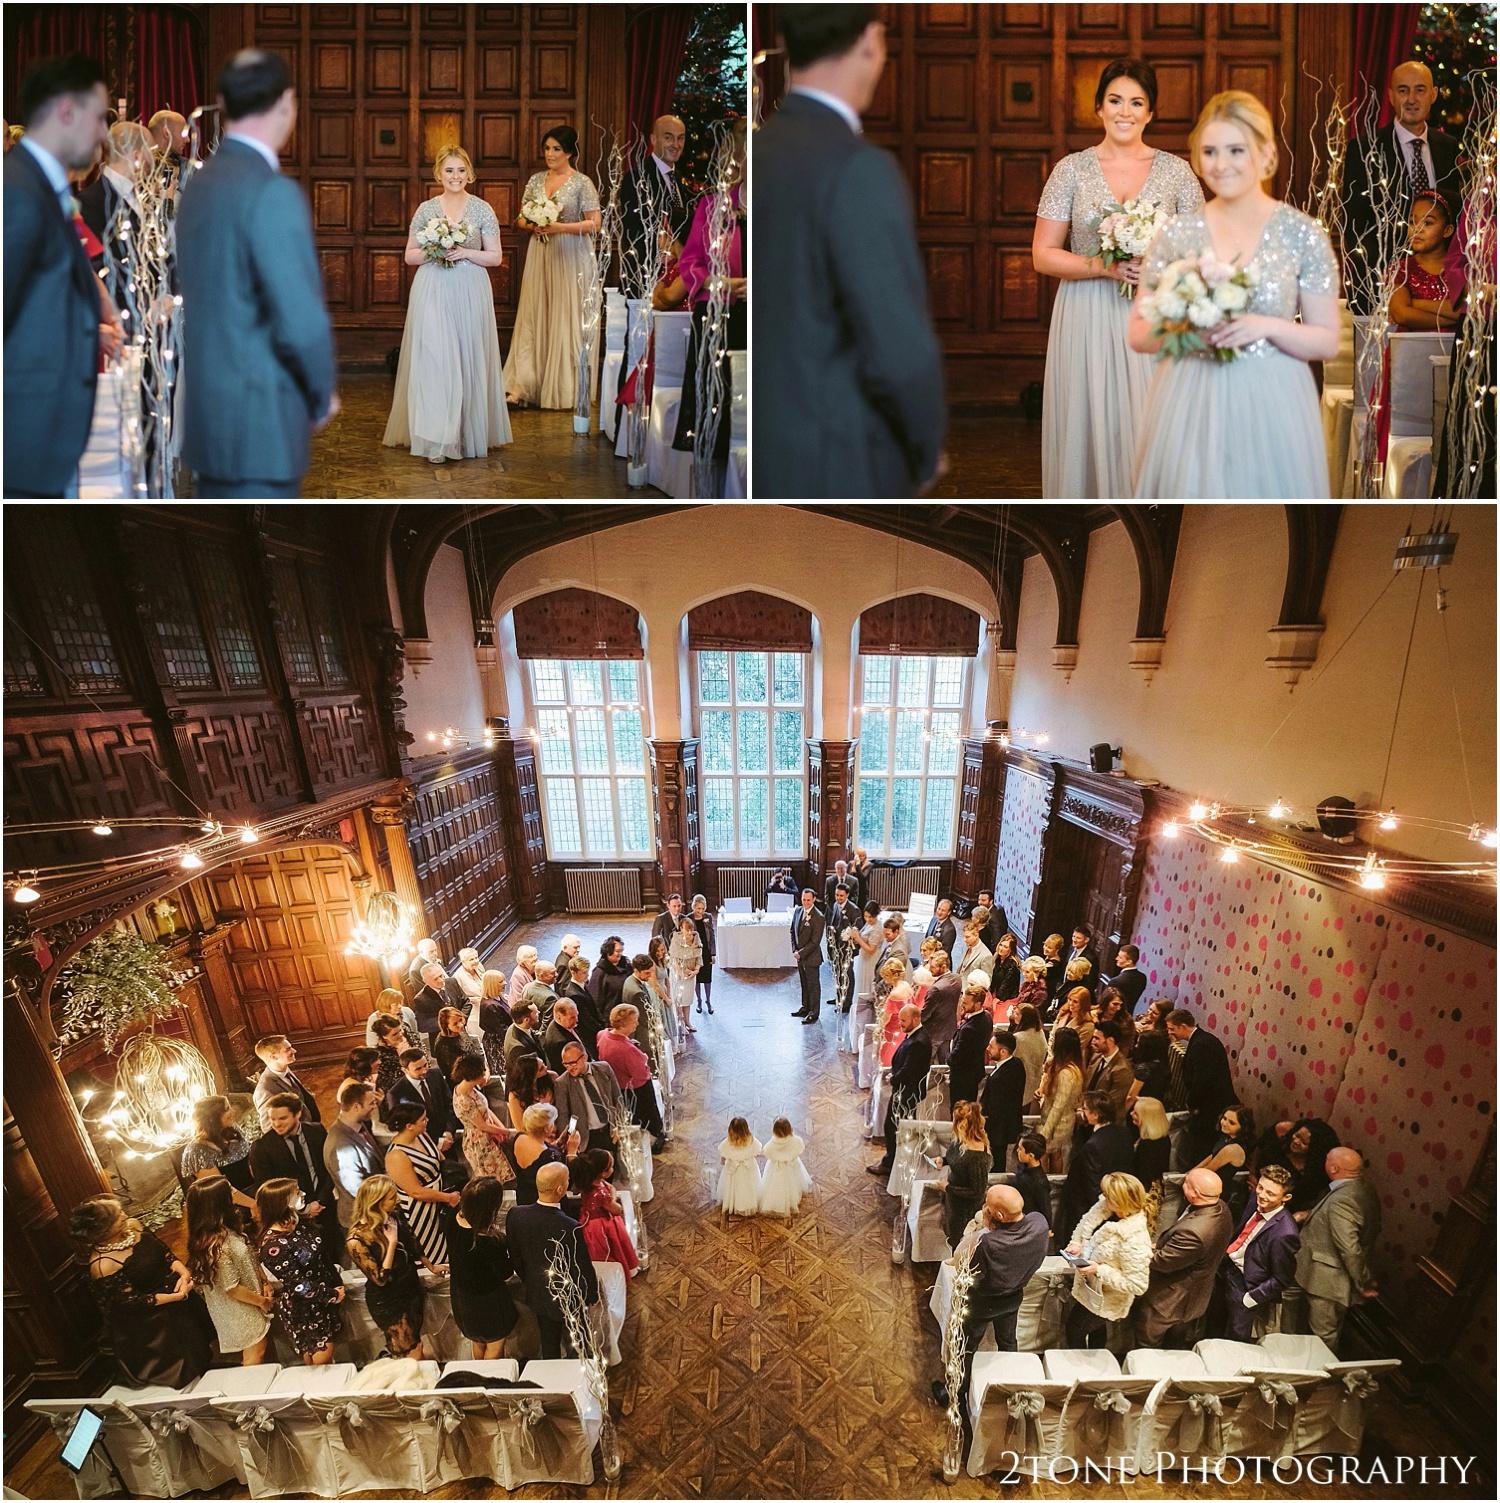 Jesmond Dene House wedding 029.jpg